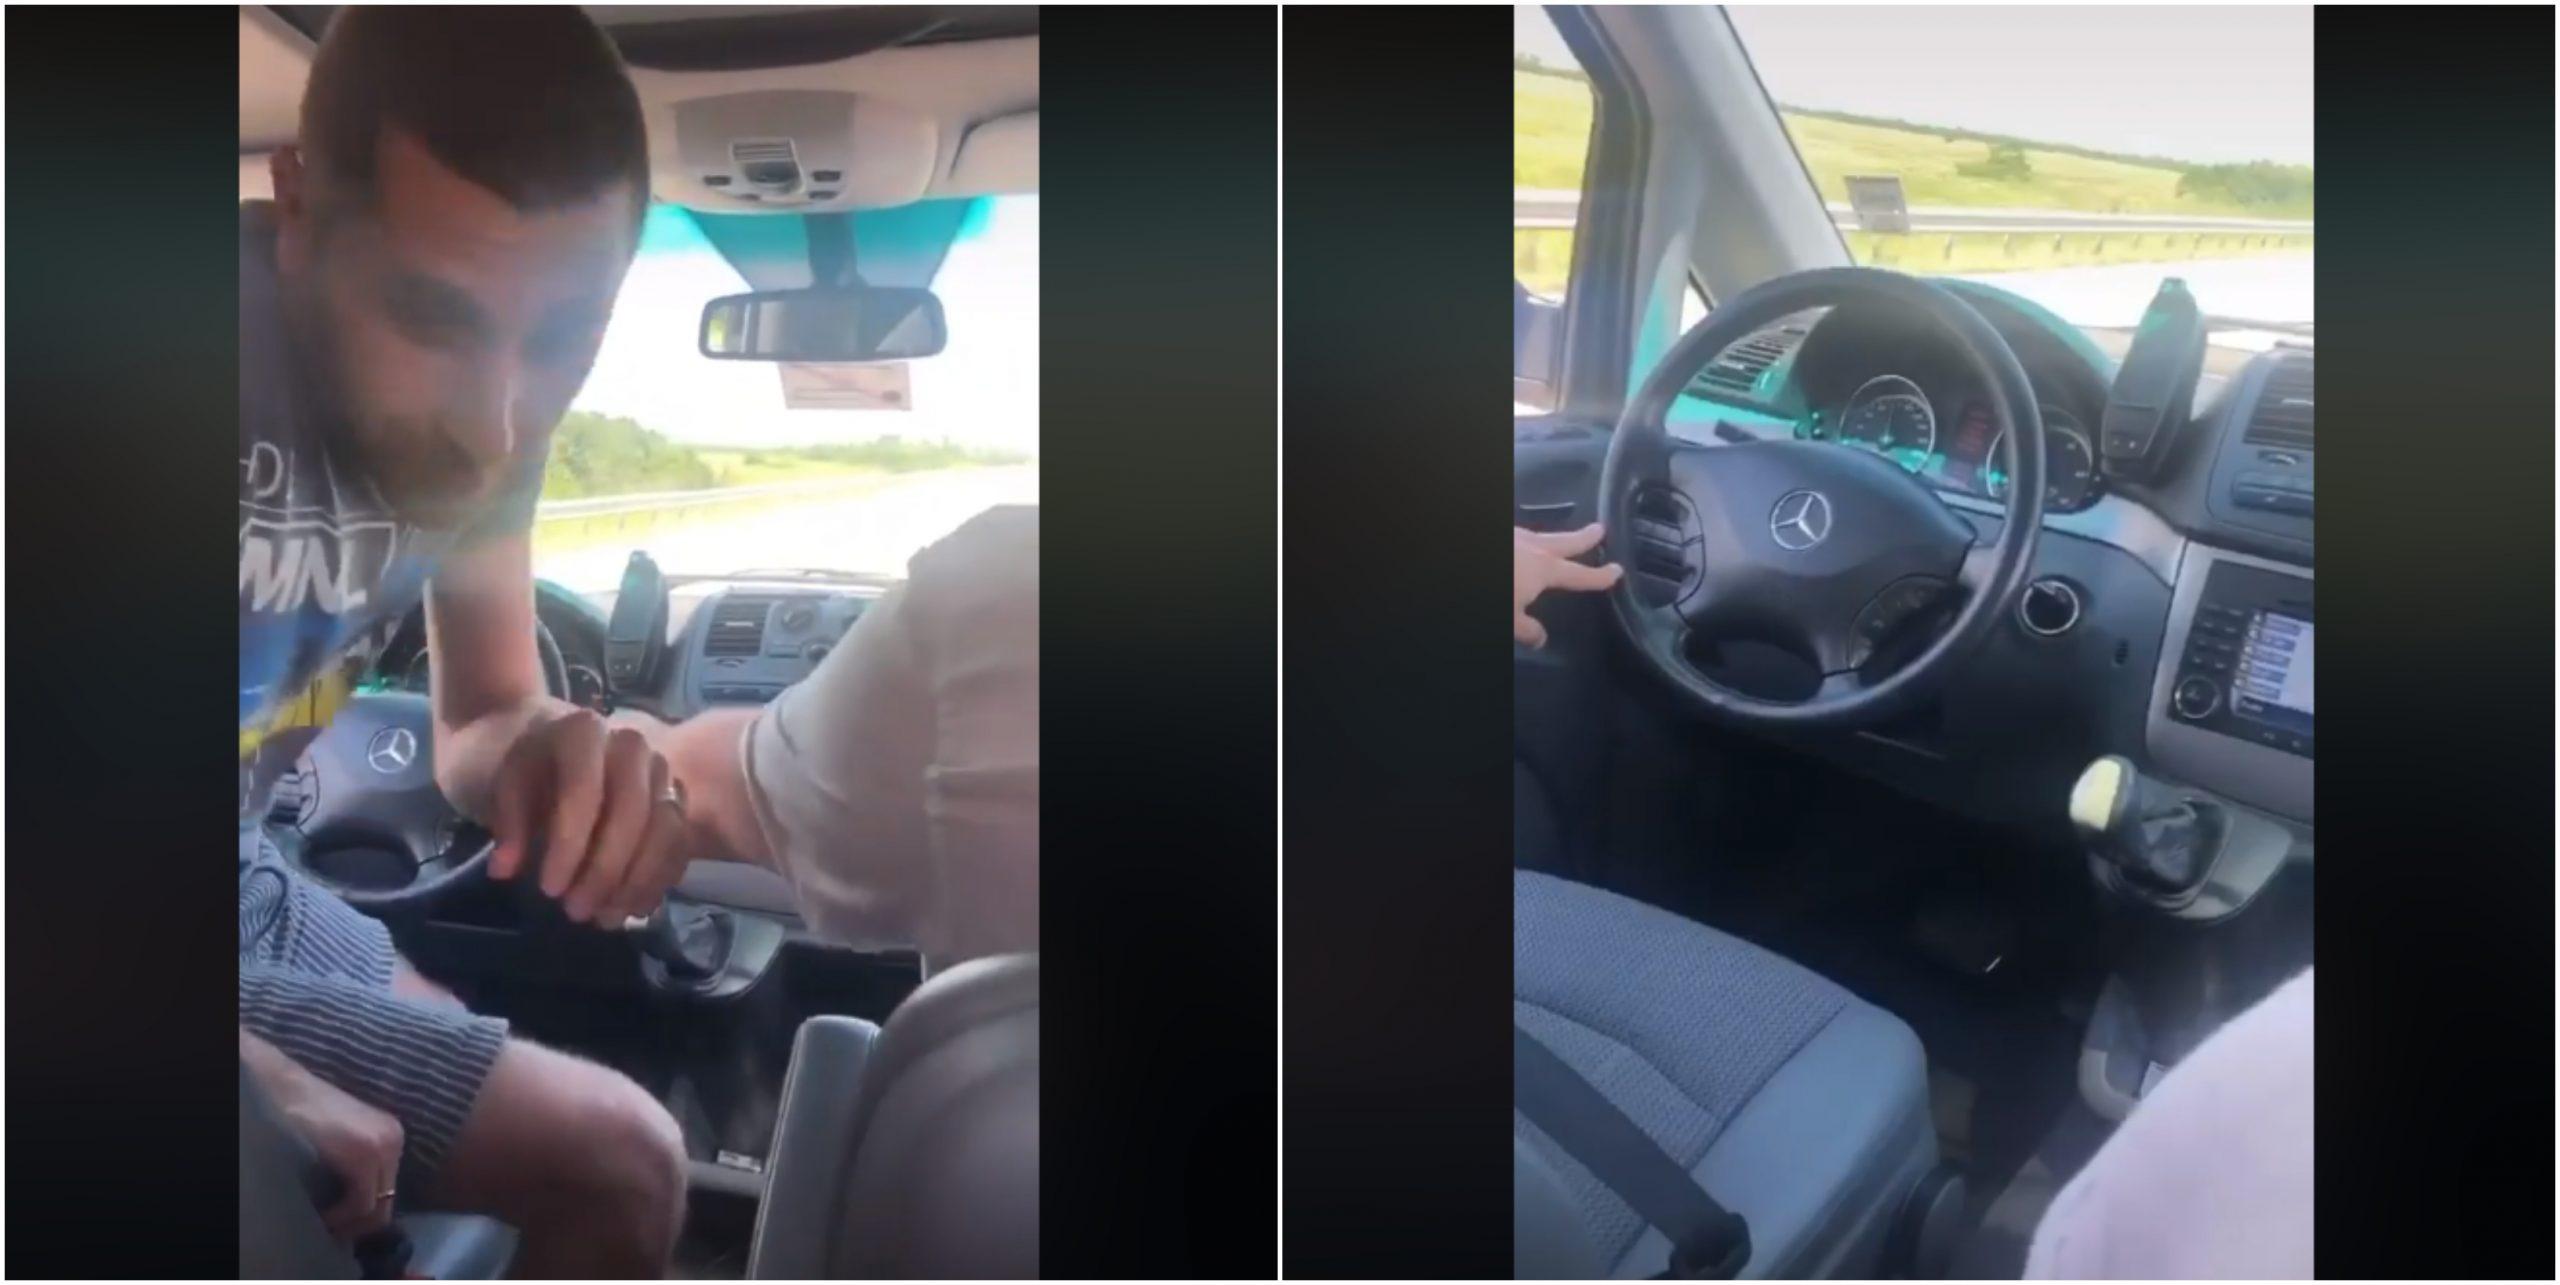 მძღოლმა 110 კმ/სთ სიჩქარით მოძრავი ავტომობილი უმართავი დატოვა – ვიდეო სოციალურ ქსელში ვრცელდება